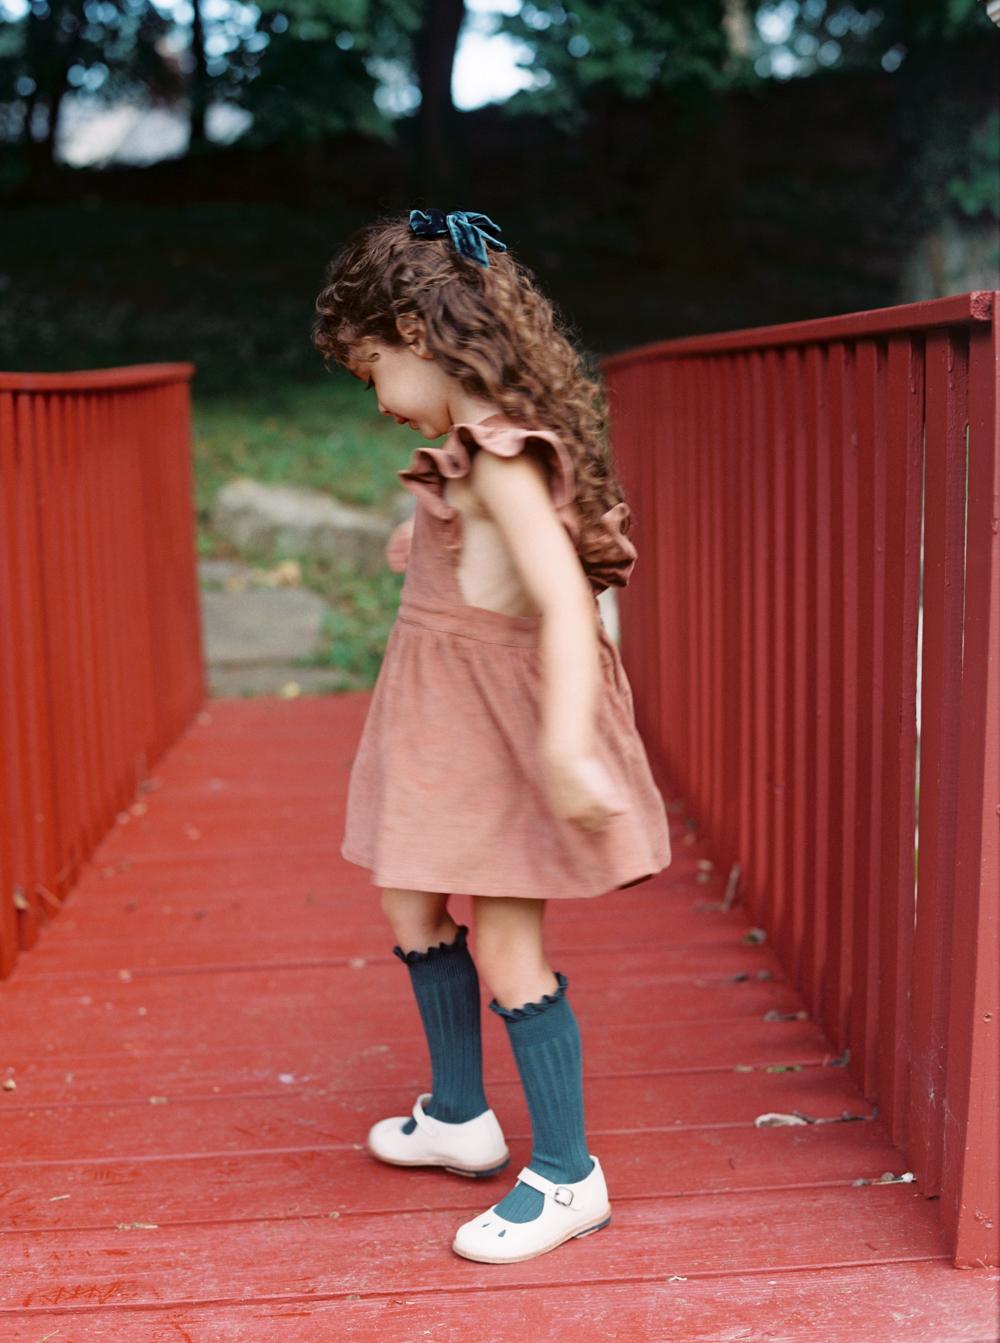 cristina-lozito-photography-families-57.jpg